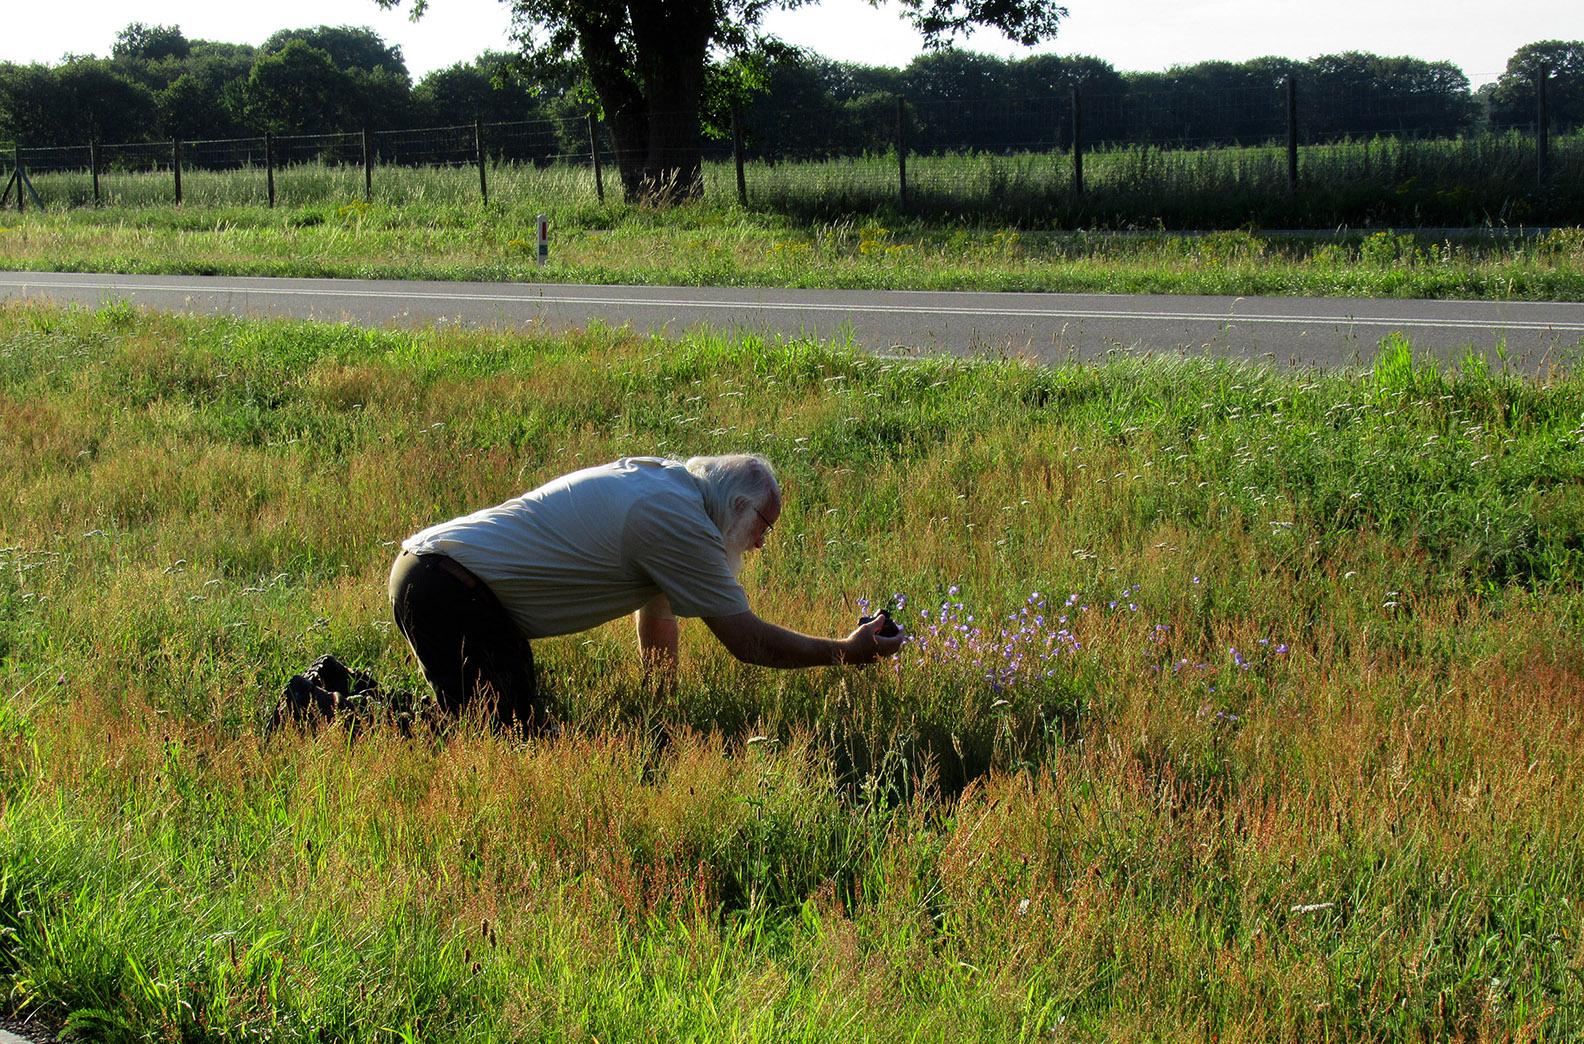 De Grasklokjes hebben mijn hart gestolen, ik ben er helemaal weg van, dus weer door de knietjes - Foto: ©Fransien Fraanje